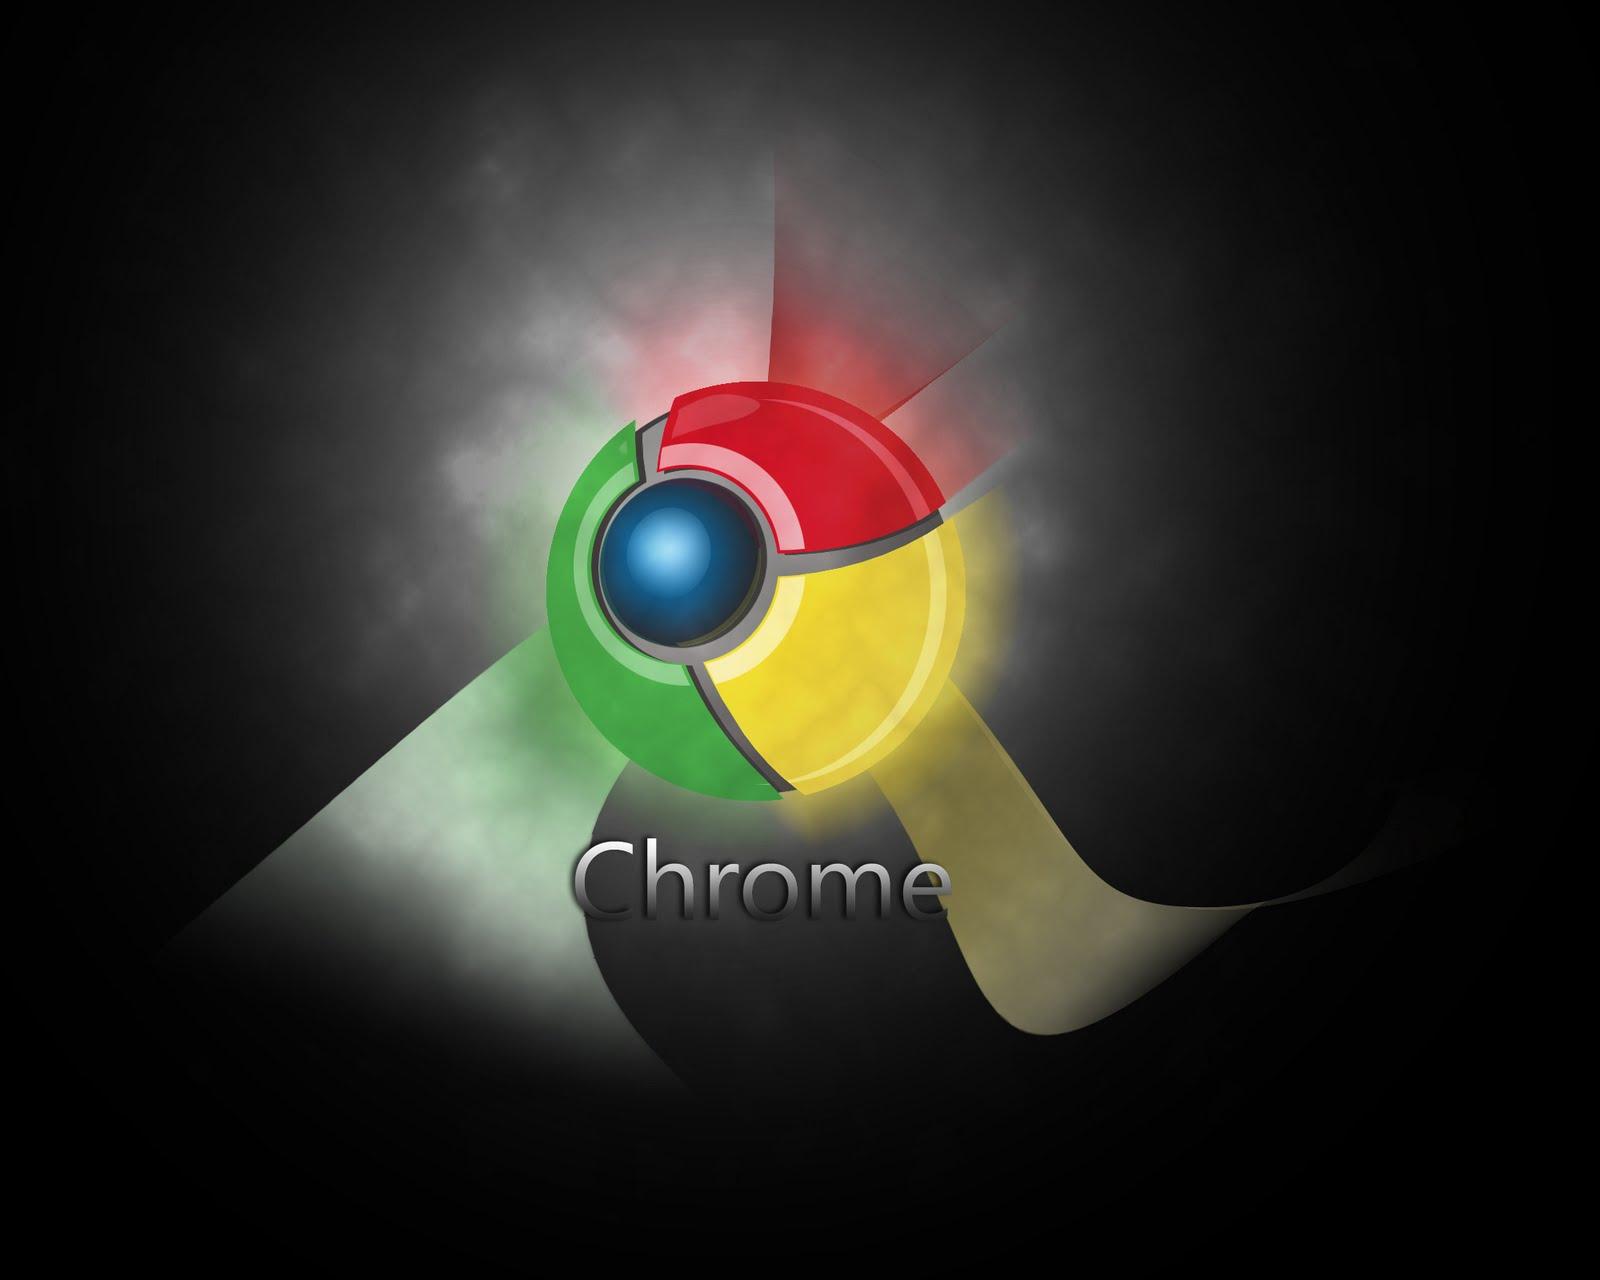 http://1.bp.blogspot.com/-UdXAYKjyVdQ/TfVqEFxn48I/AAAAAAAAHtc/OPtQPoTCB00/s1600/Google+Chrome+OS+Wide+Screen.jpg